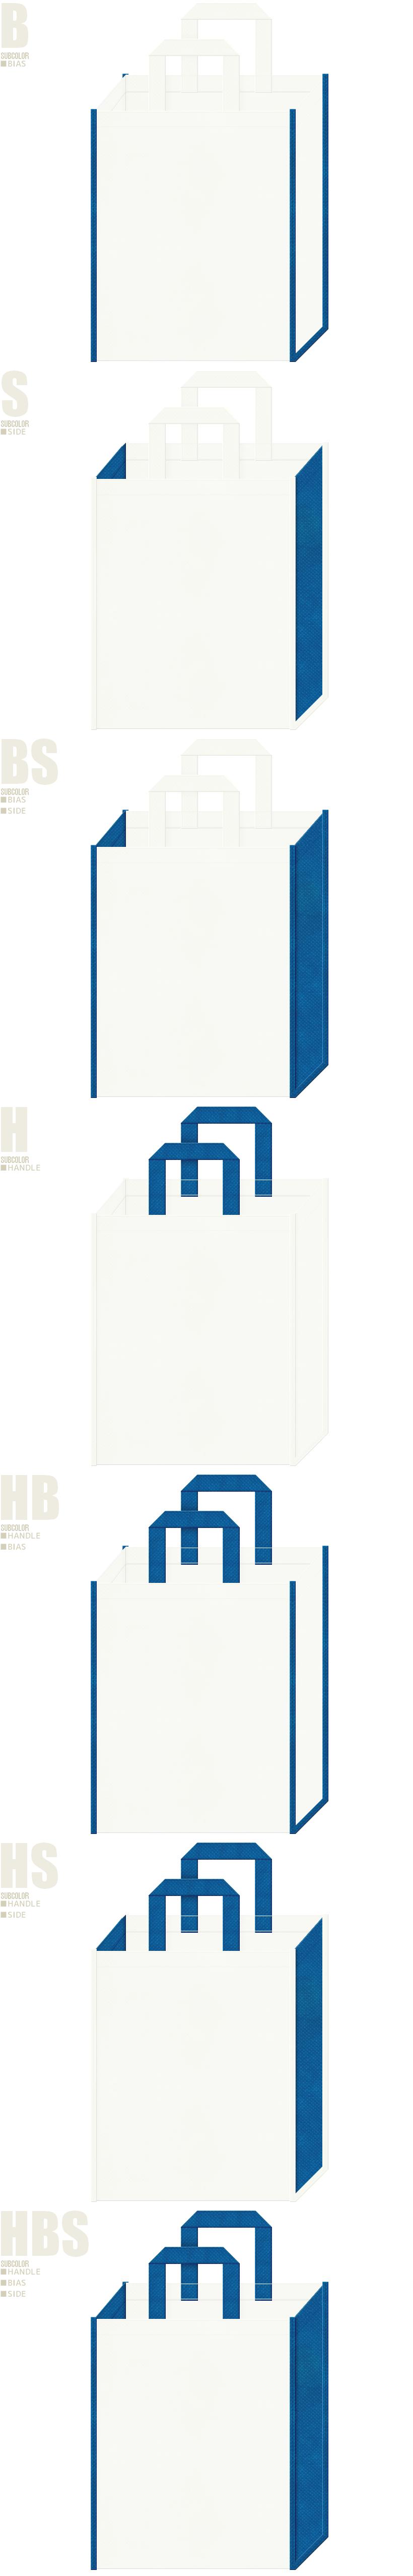 LED照明・電子部品・AI・水素自動車の展示会用バッグにお奨めです。オフホワイト色と青色の不織布バッグ配色7パターンのデザイン。